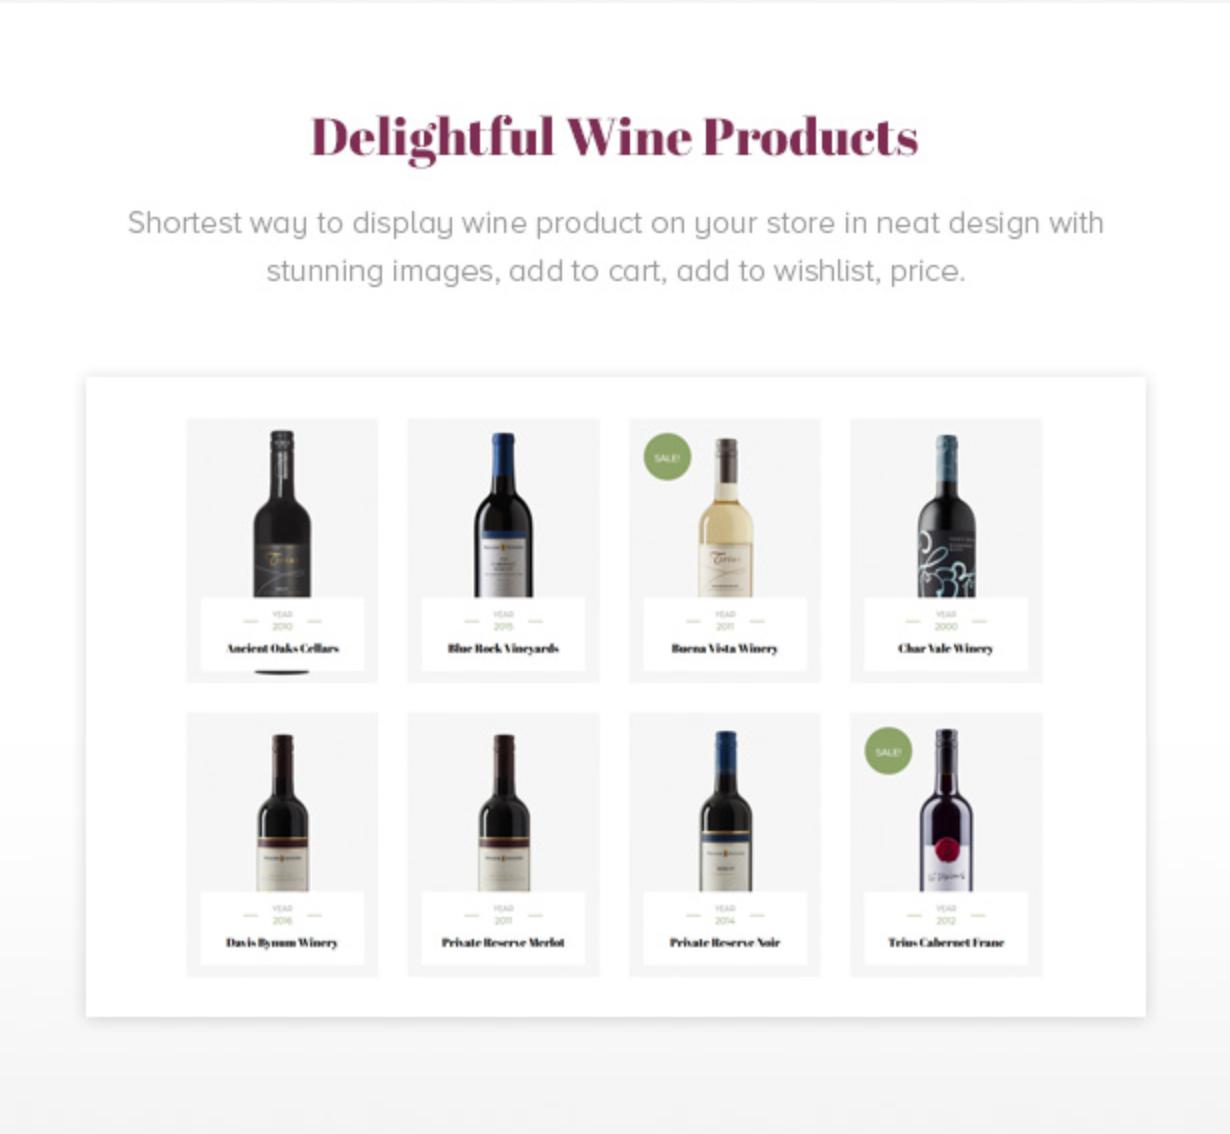 Royanwine Elegant & auffällige Weinprodukte für Weingüter, Weingüter, Winzer, Milchviehbetrieb